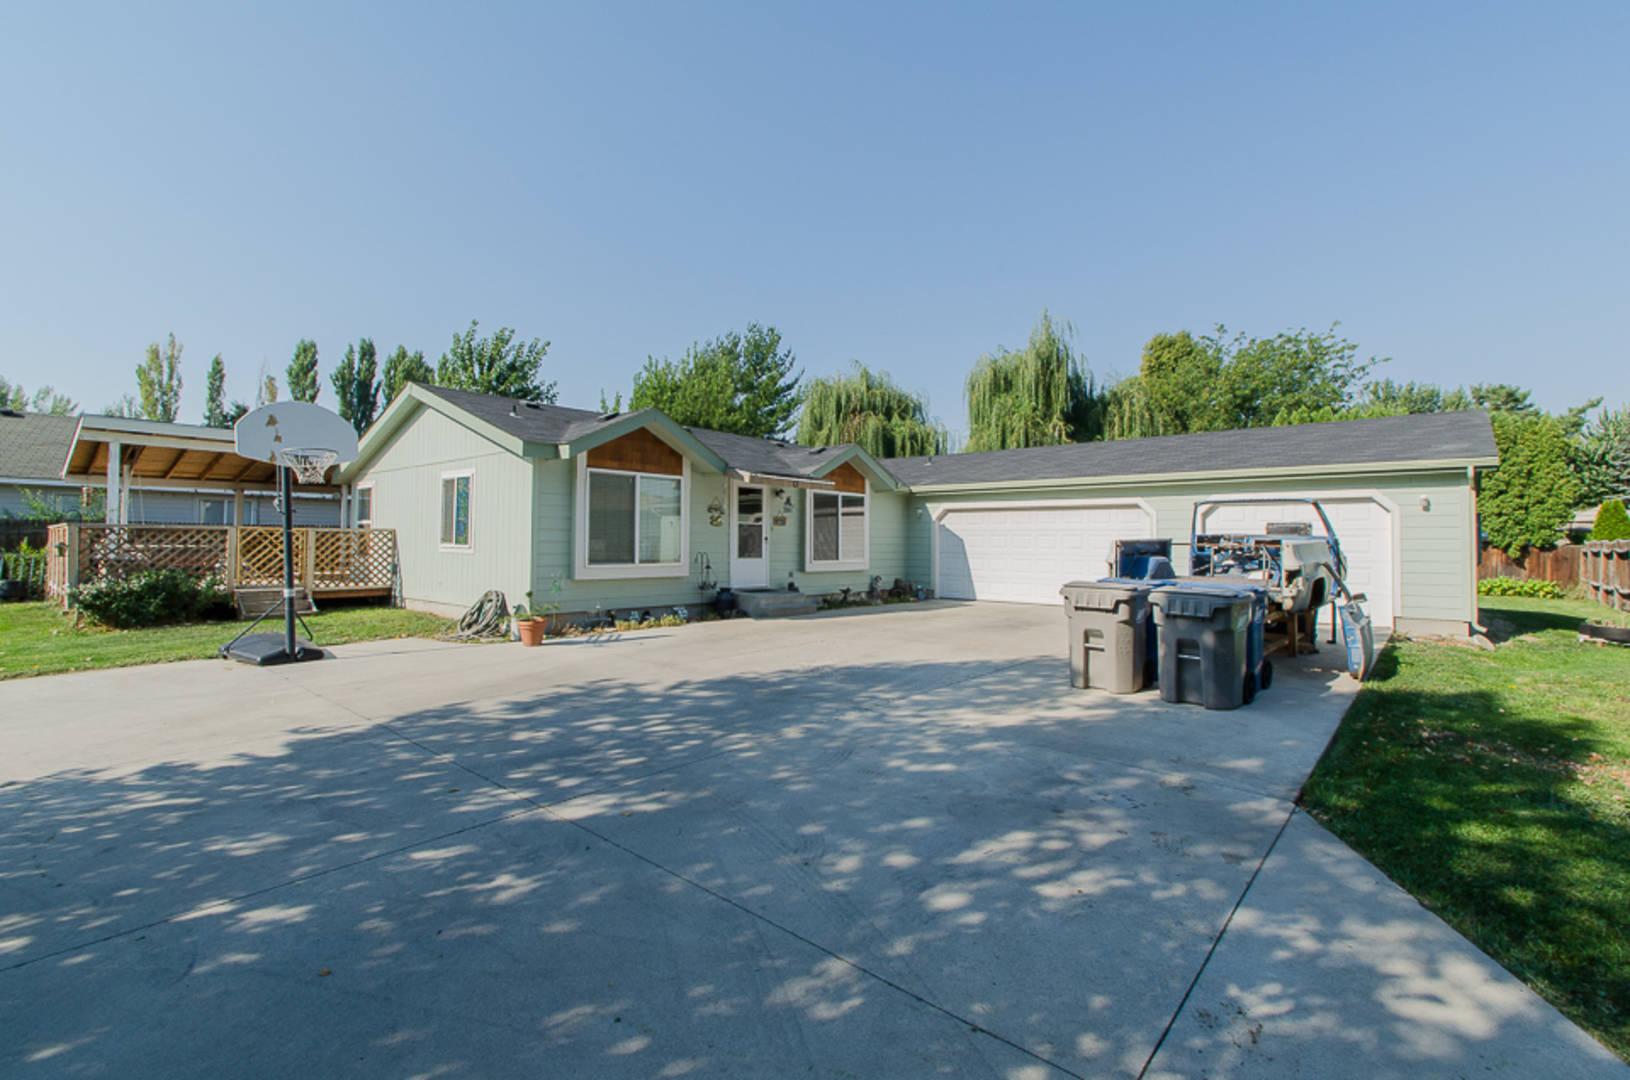 3841 N Patricia  Boise, ID 83704